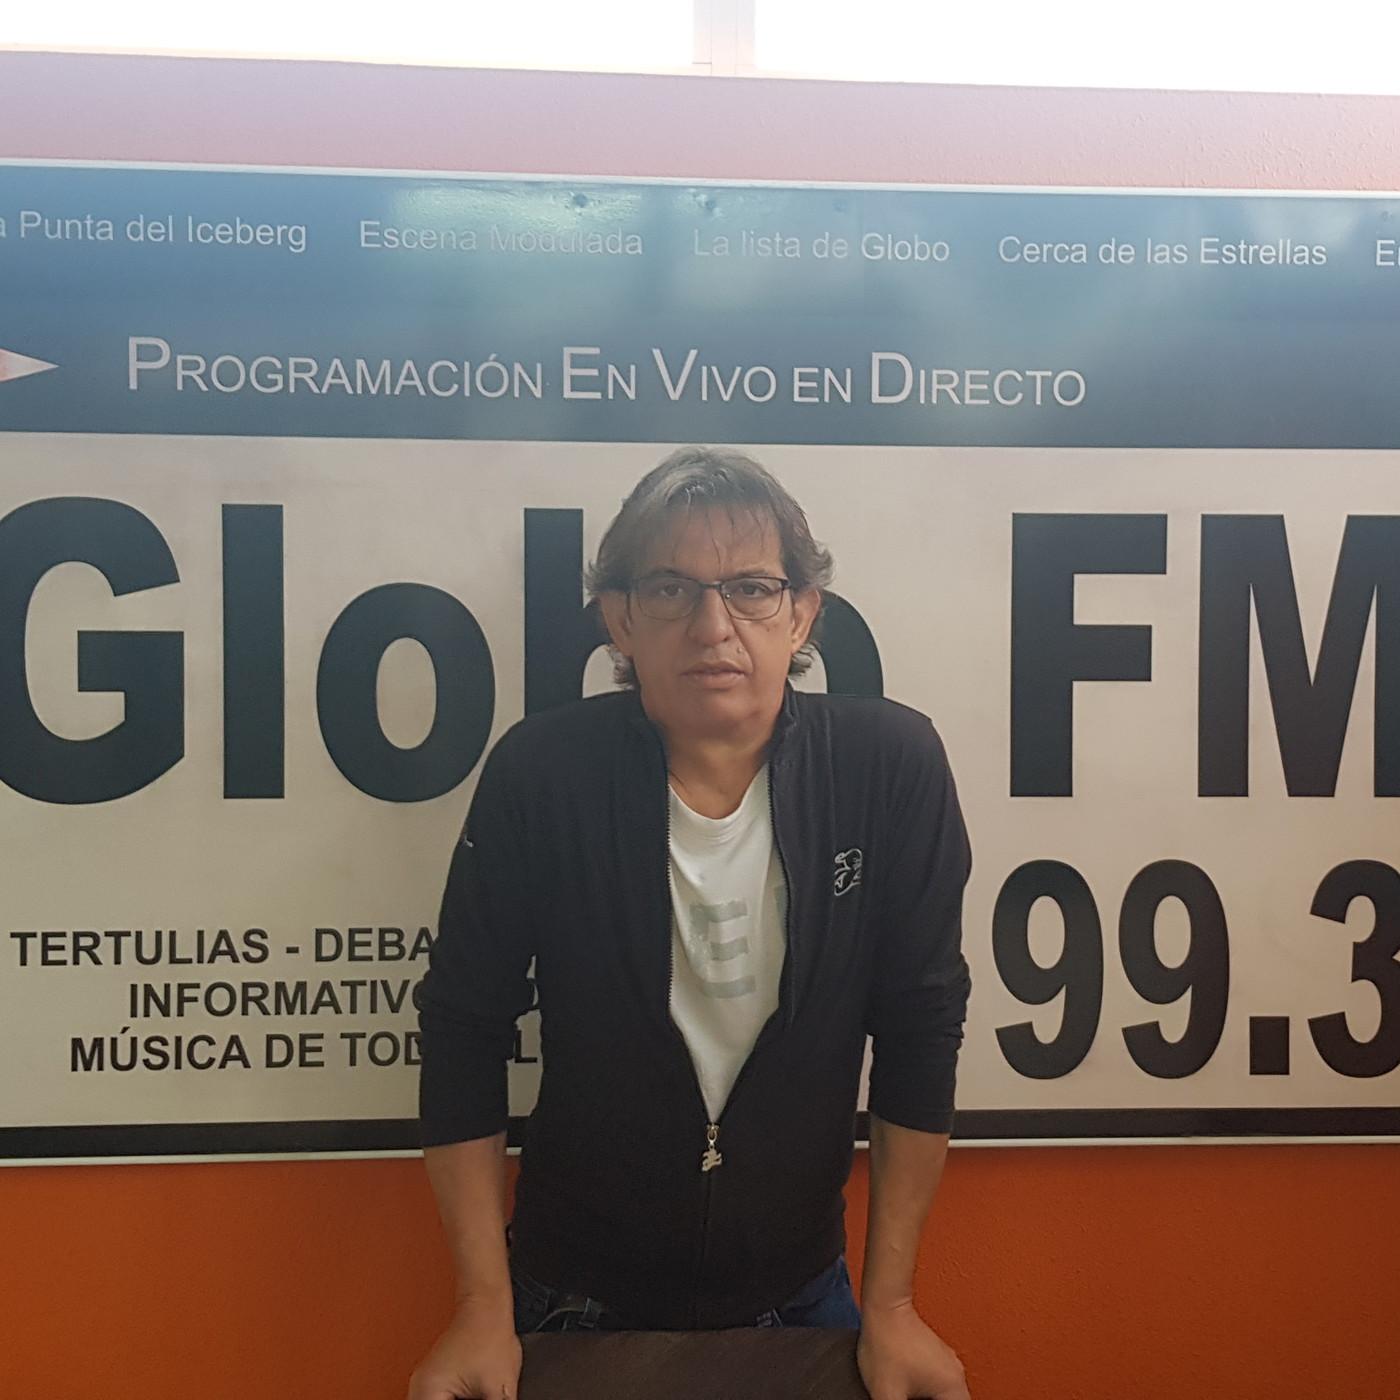 LAS MAÑANAS DE GLOBO. Miércoles 17 junio 2020. Con Miguel Ángel Parejo.